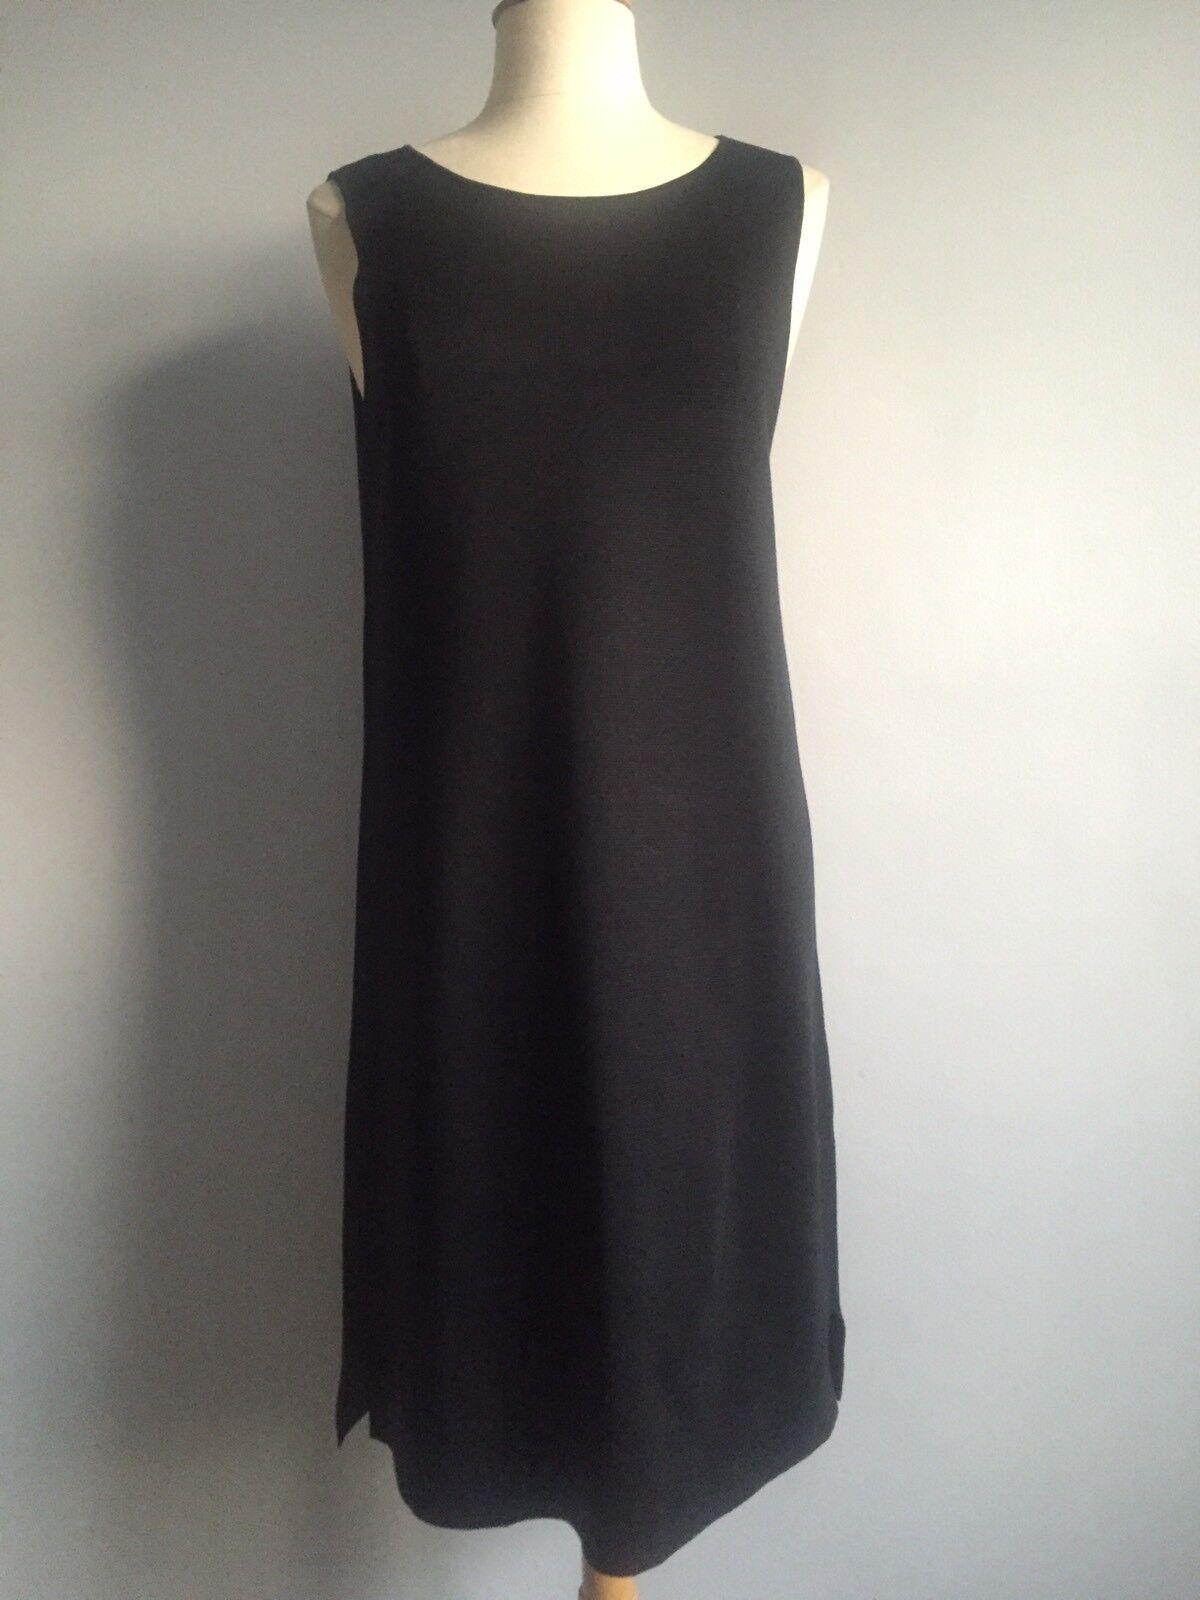 Nuevo Con Etiquetas   338 Eileen Fisher Negro Seda vestido sin mangas de punto de algodón orgánico talla M  descuento